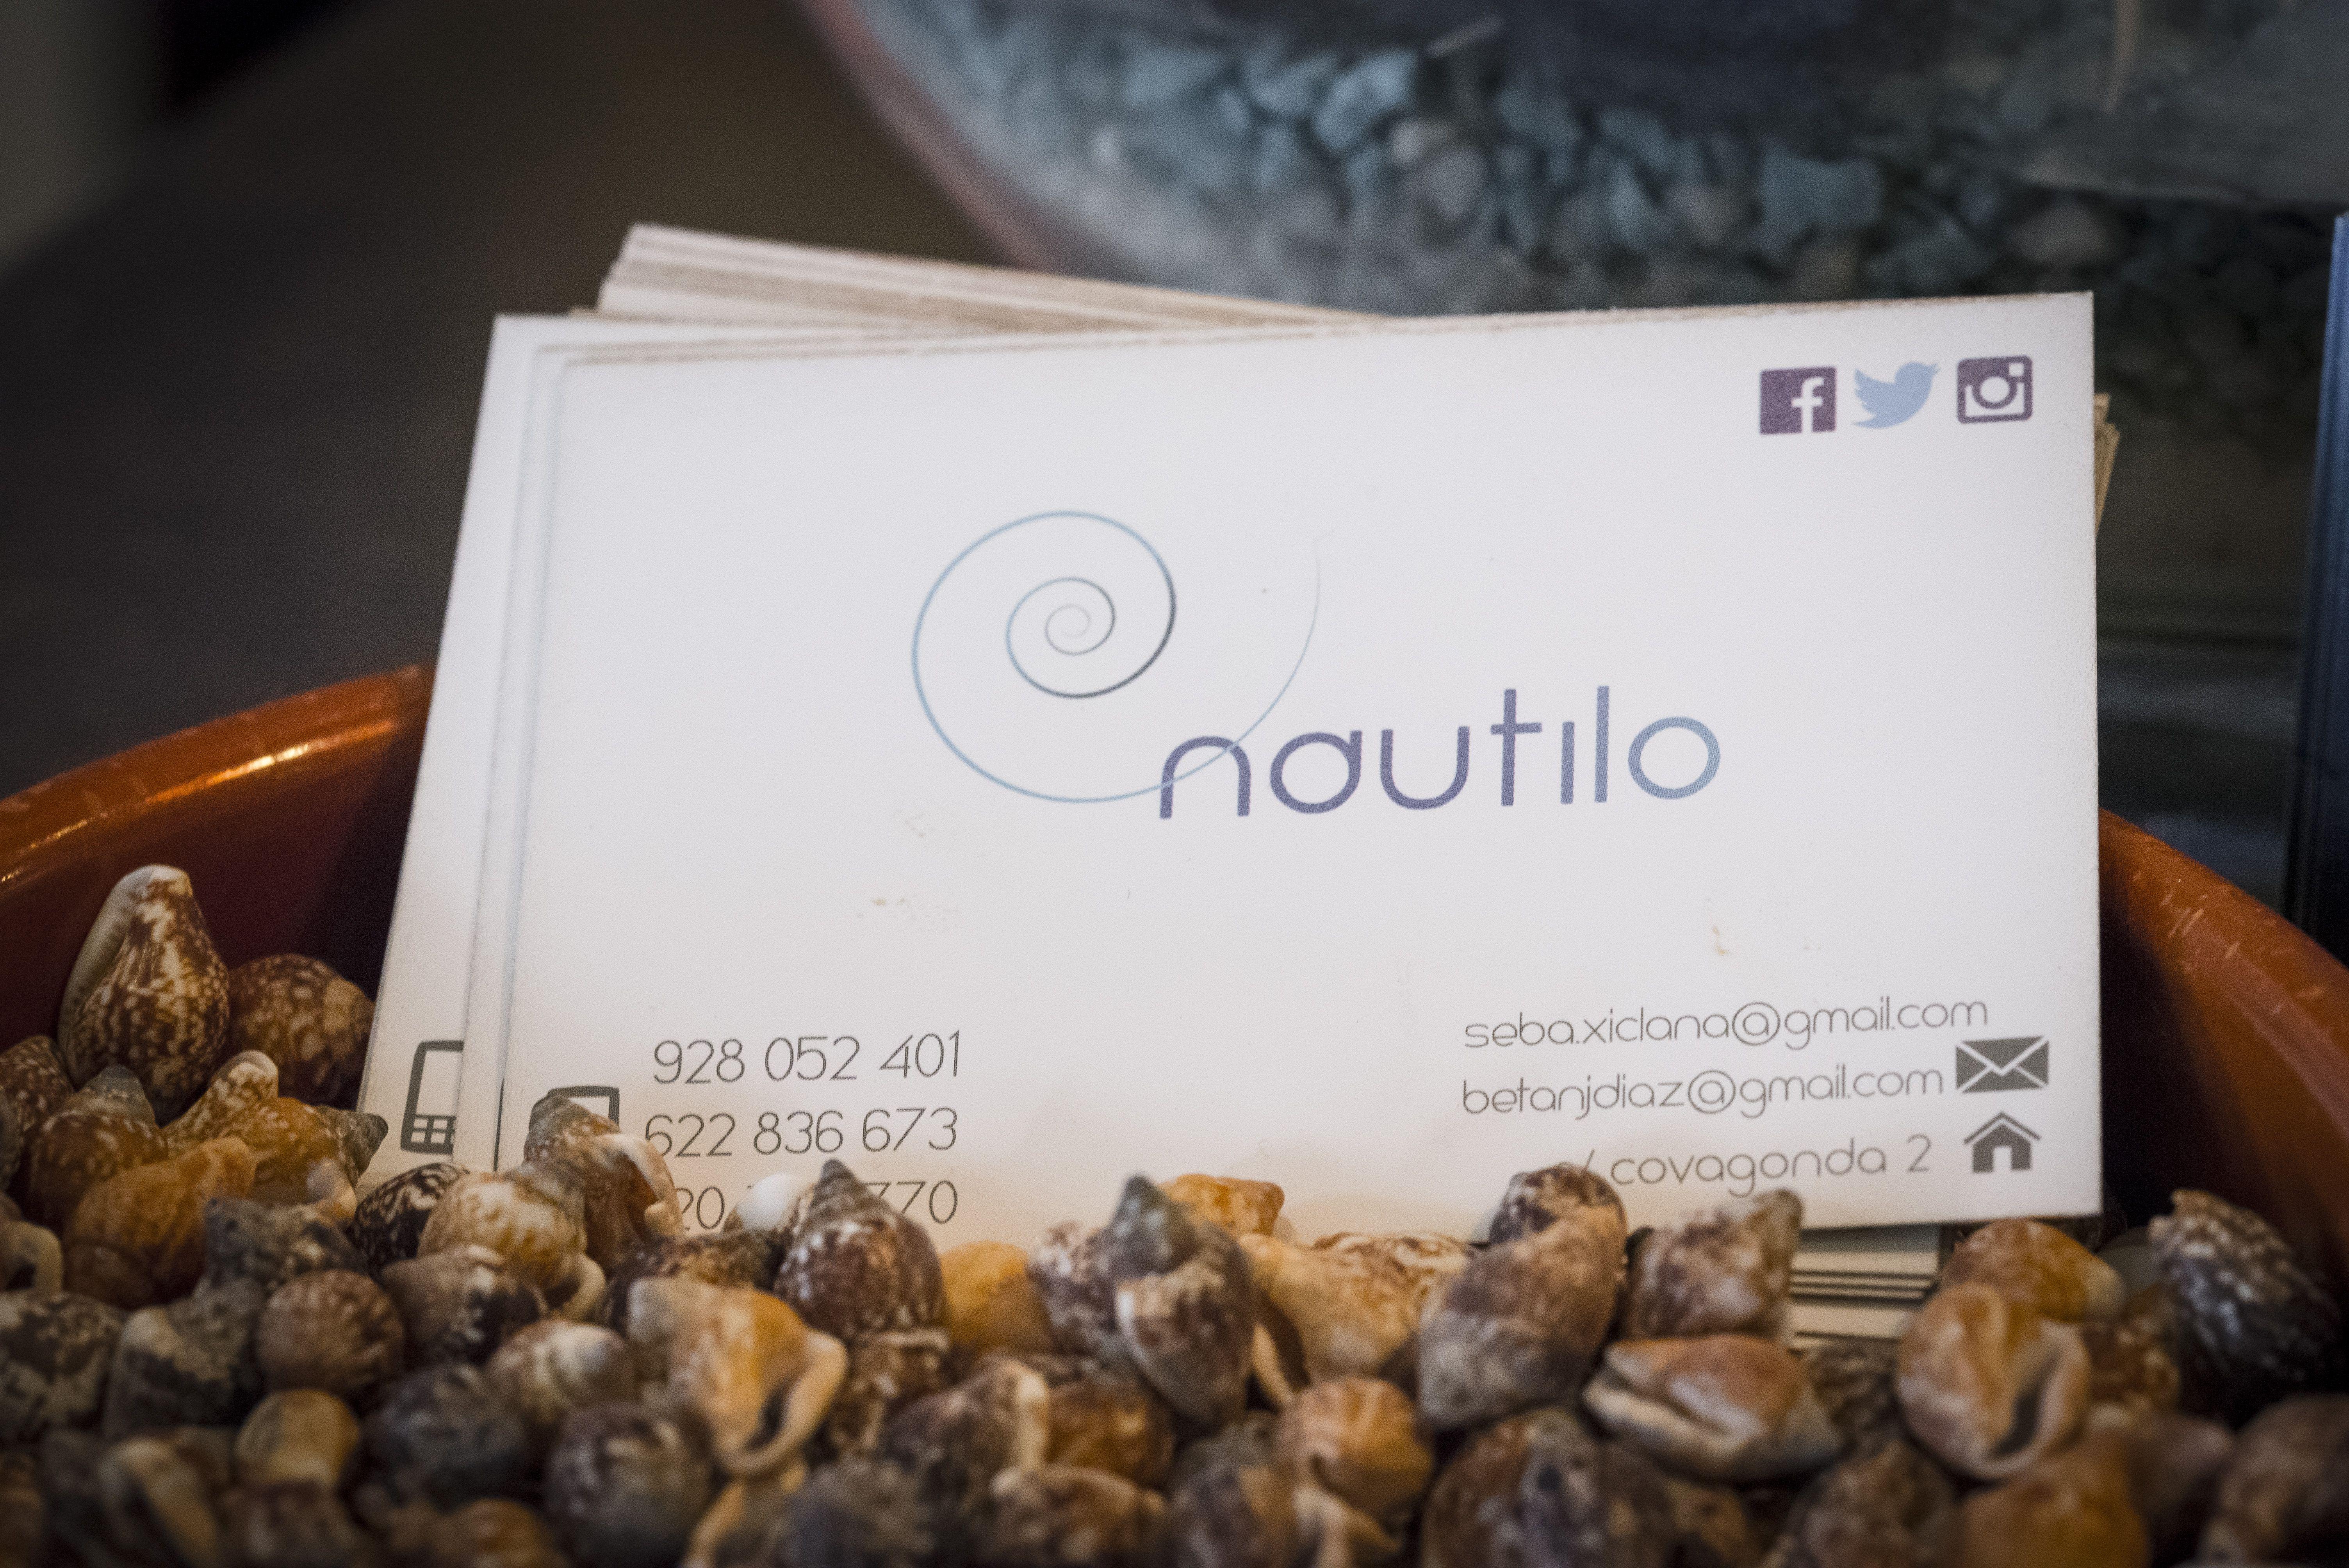 Foto 4 de Restaurante de mariscos y pescados en Las Palmas de Gran Canaria   Restaurante Nautilo